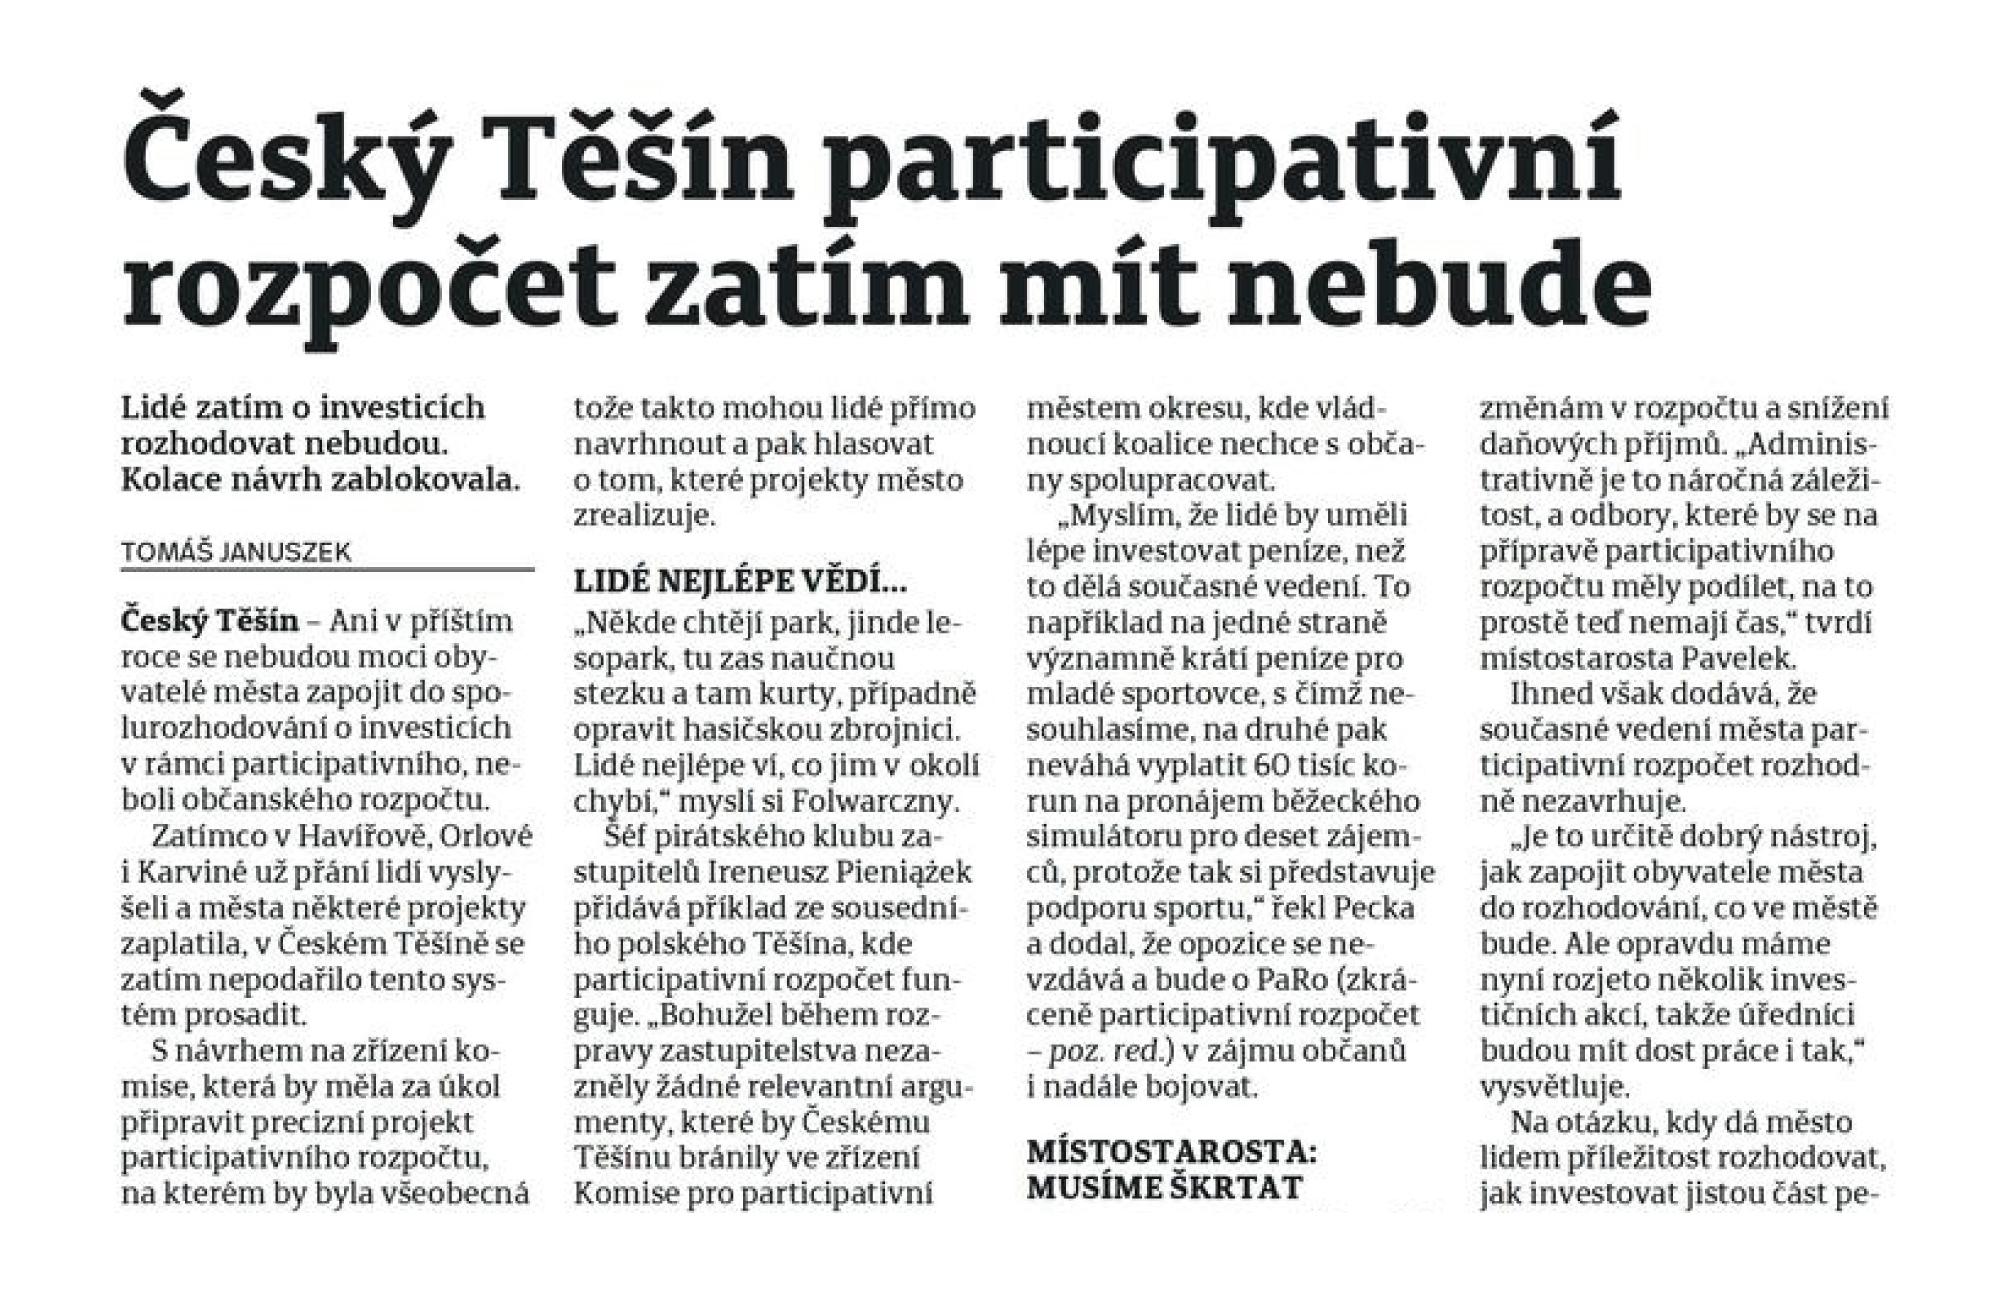 Napsali o nás: Český Těšín  participativní rozpočet zatím mít nebude